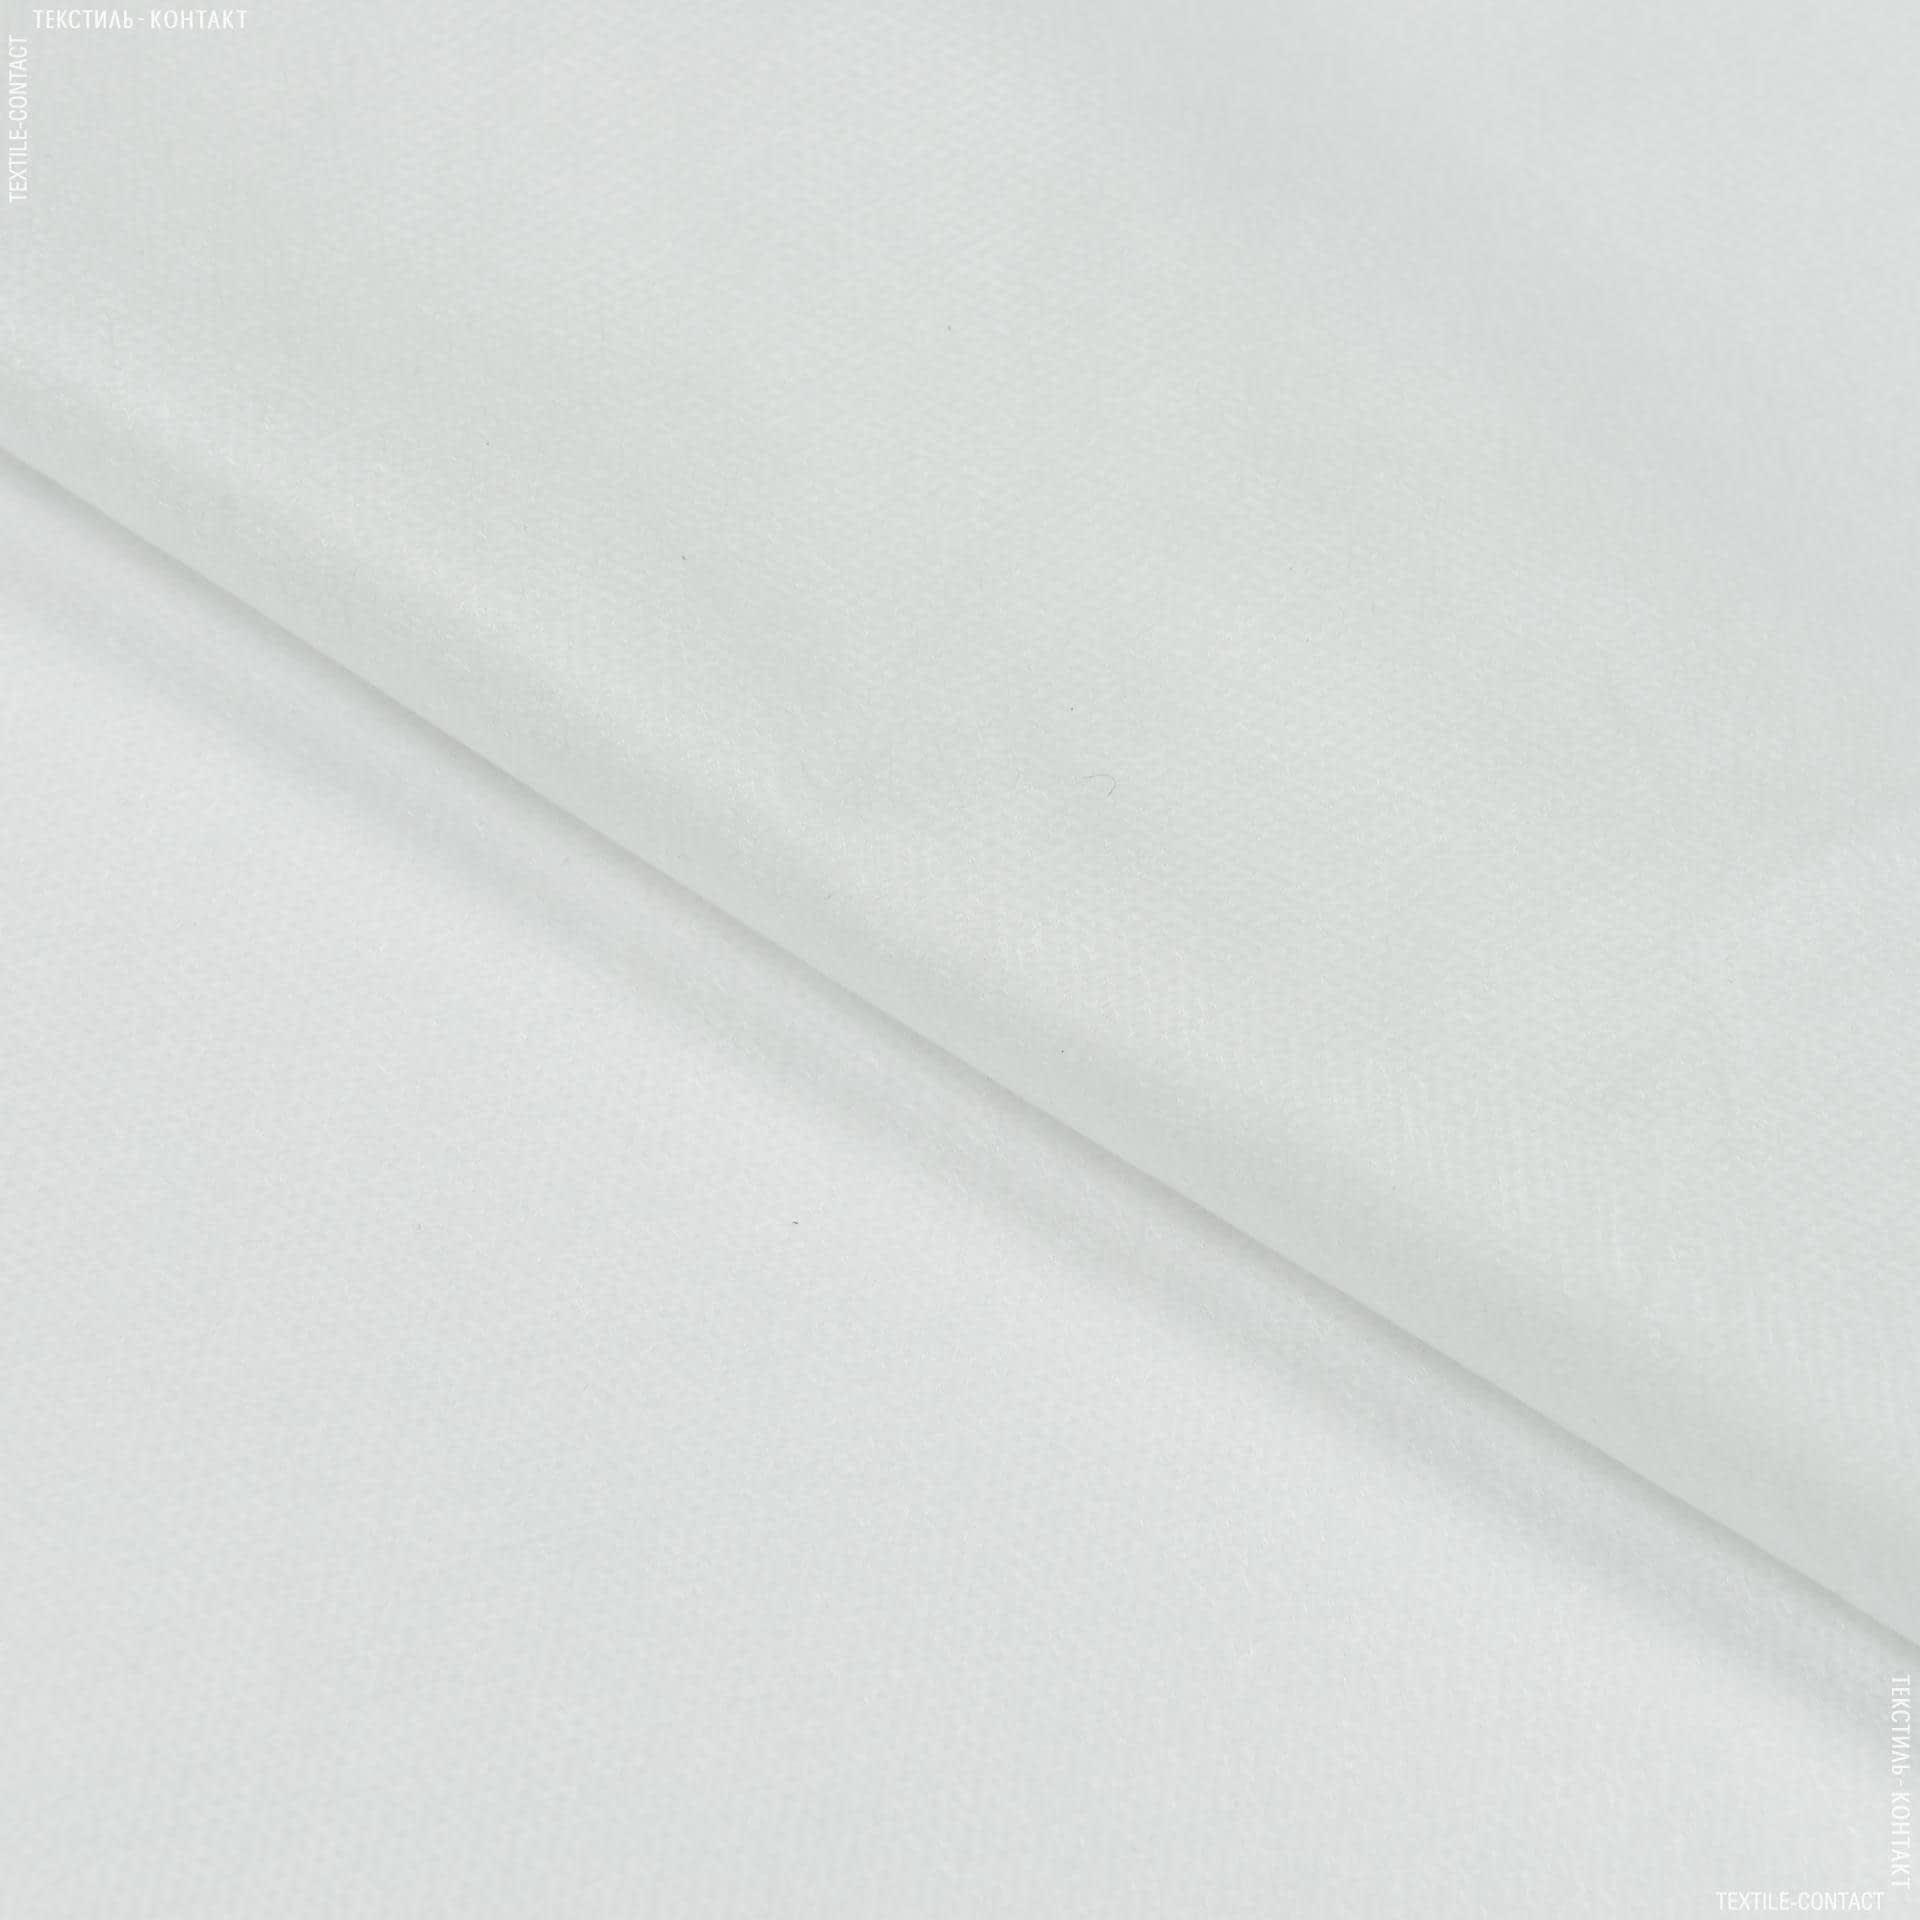 Тканини для рукоділля - Спанбонд 30g  білий